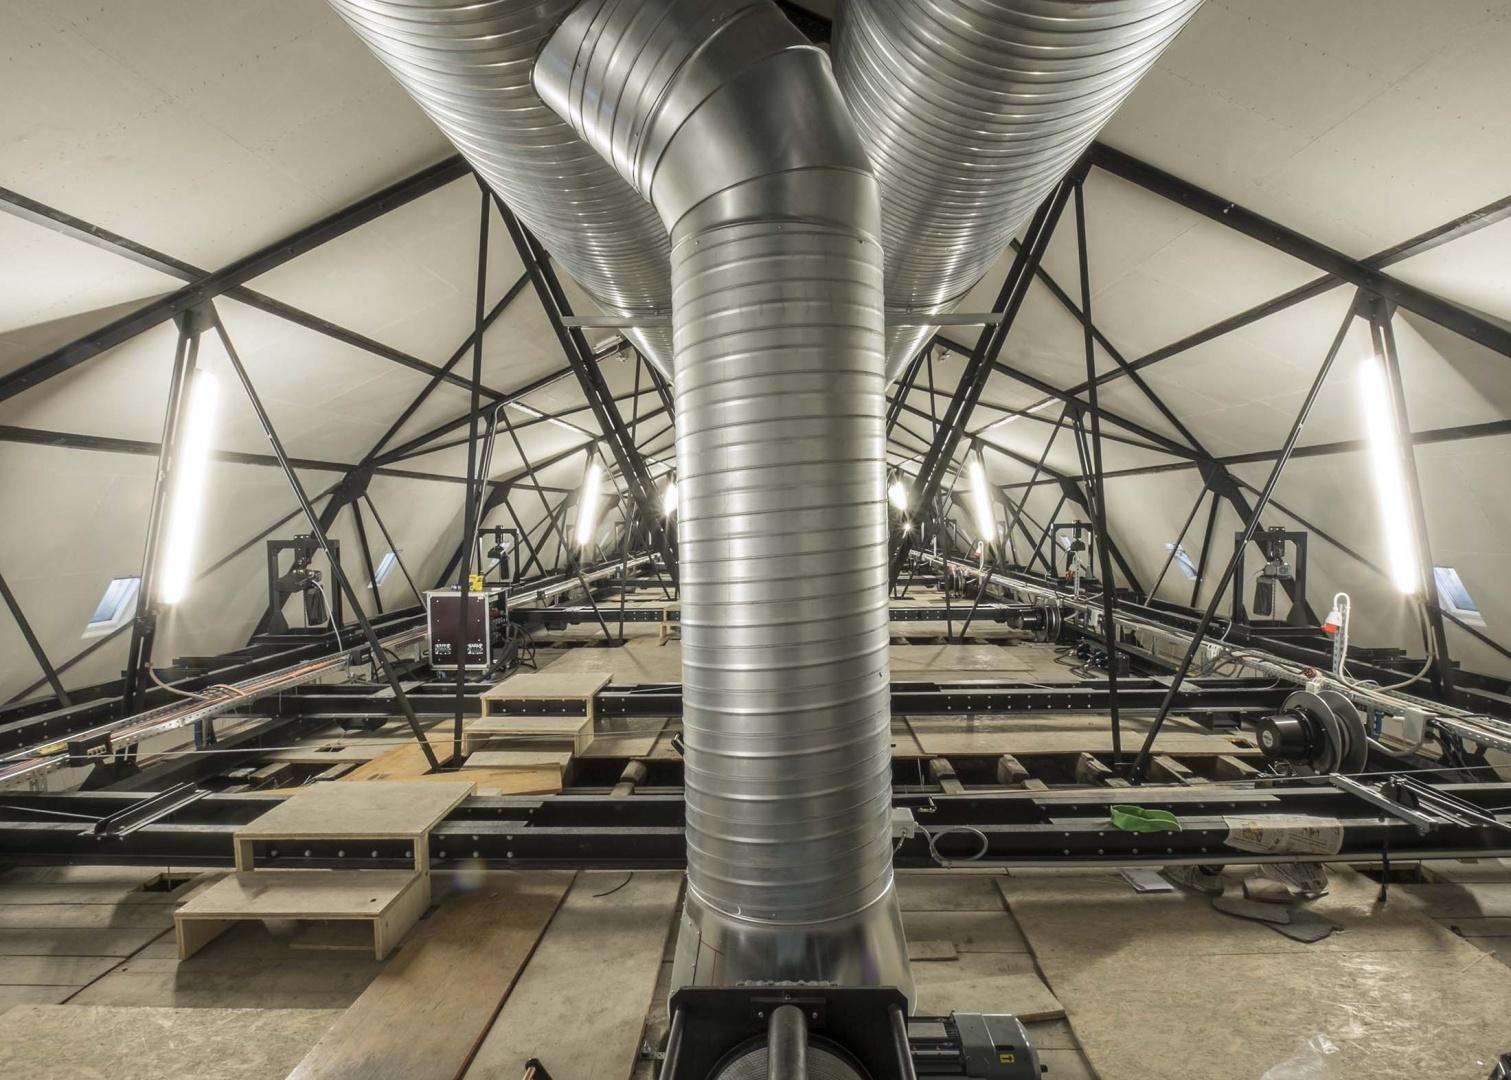 Dachstock mit Technik © architecum, Montreux